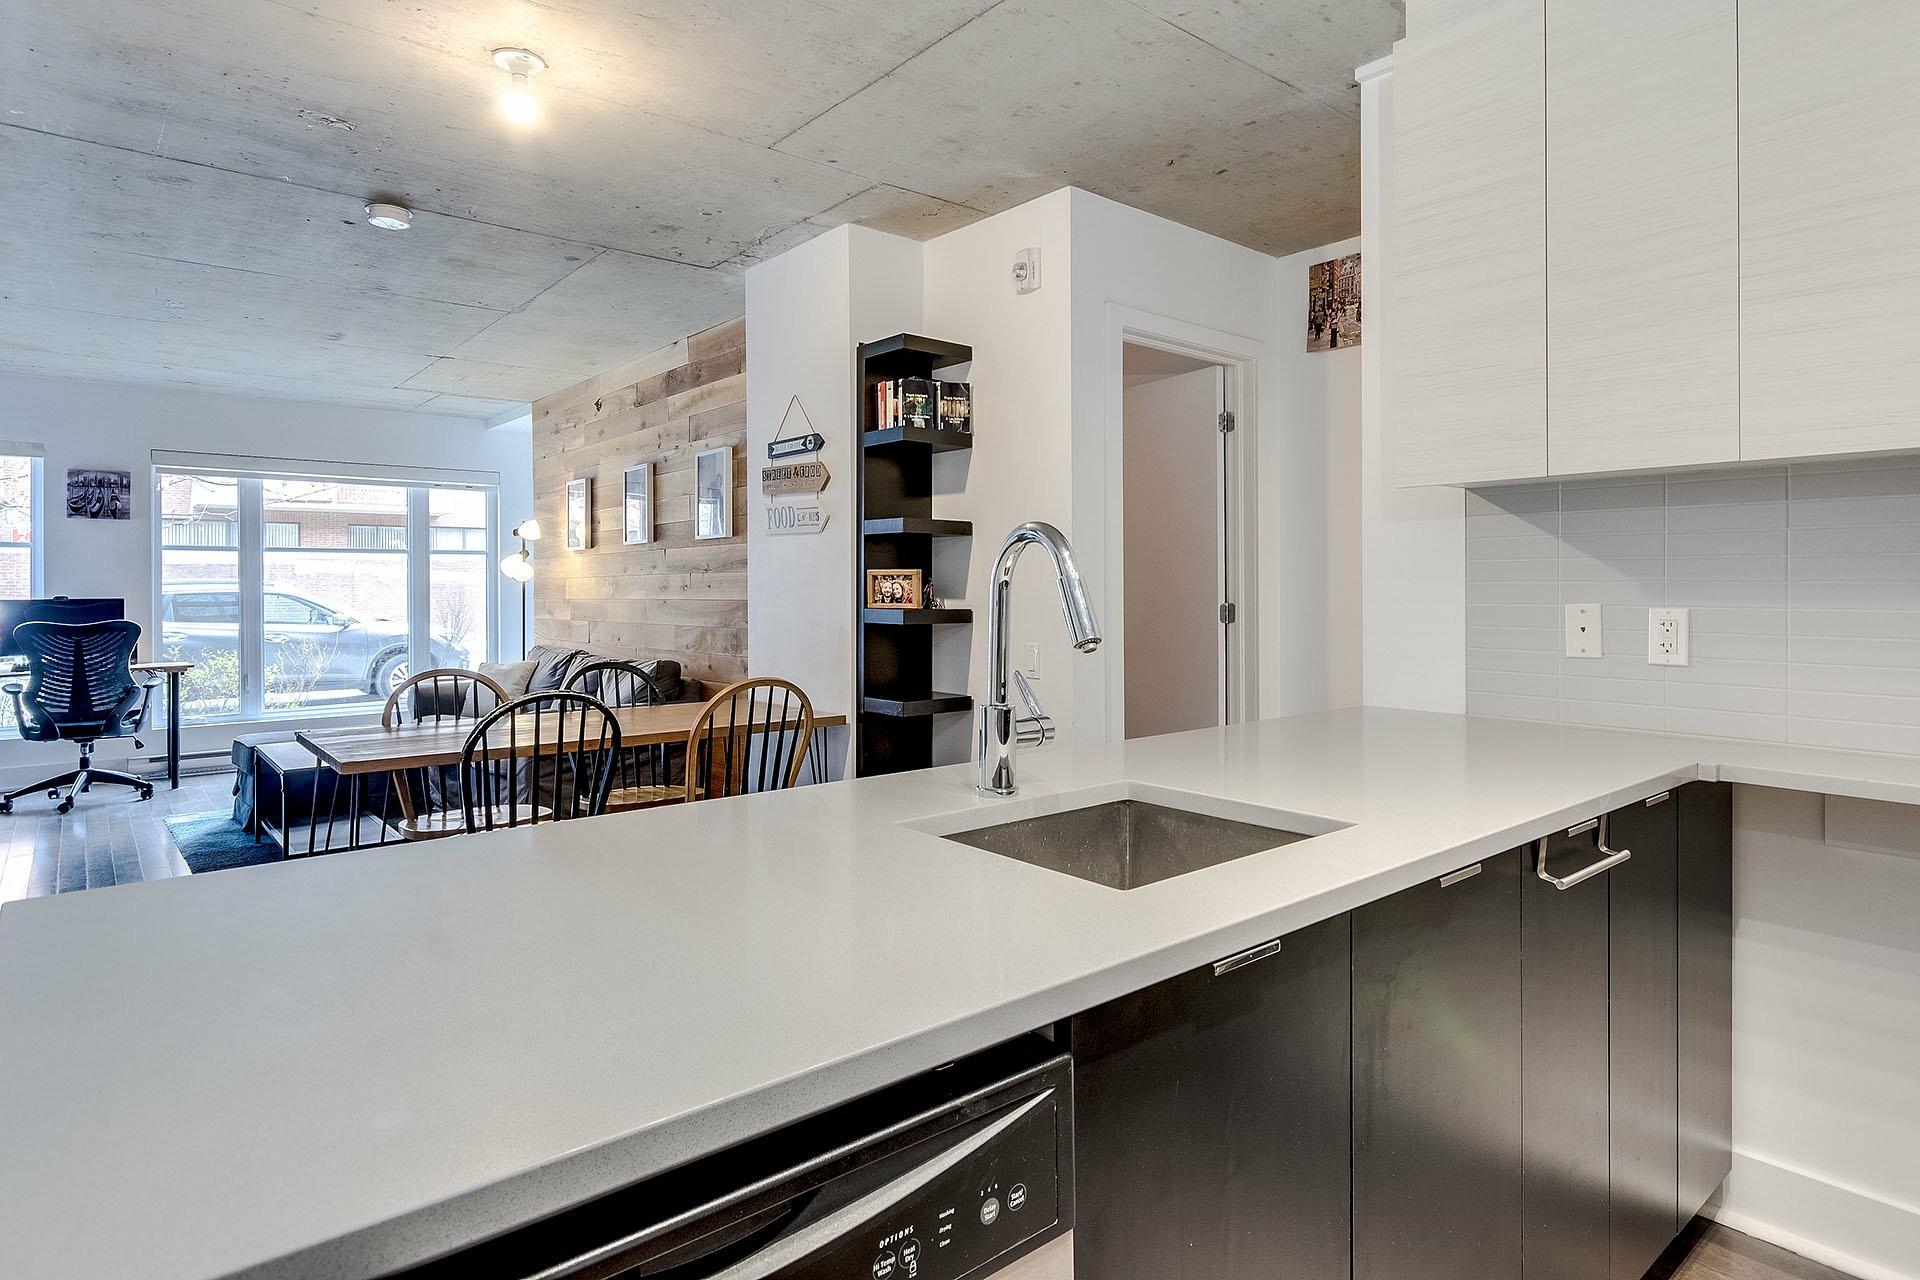 image 9 - Appartement À vendre Verdun/Île-des-Soeurs Montréal  - 5 pièces